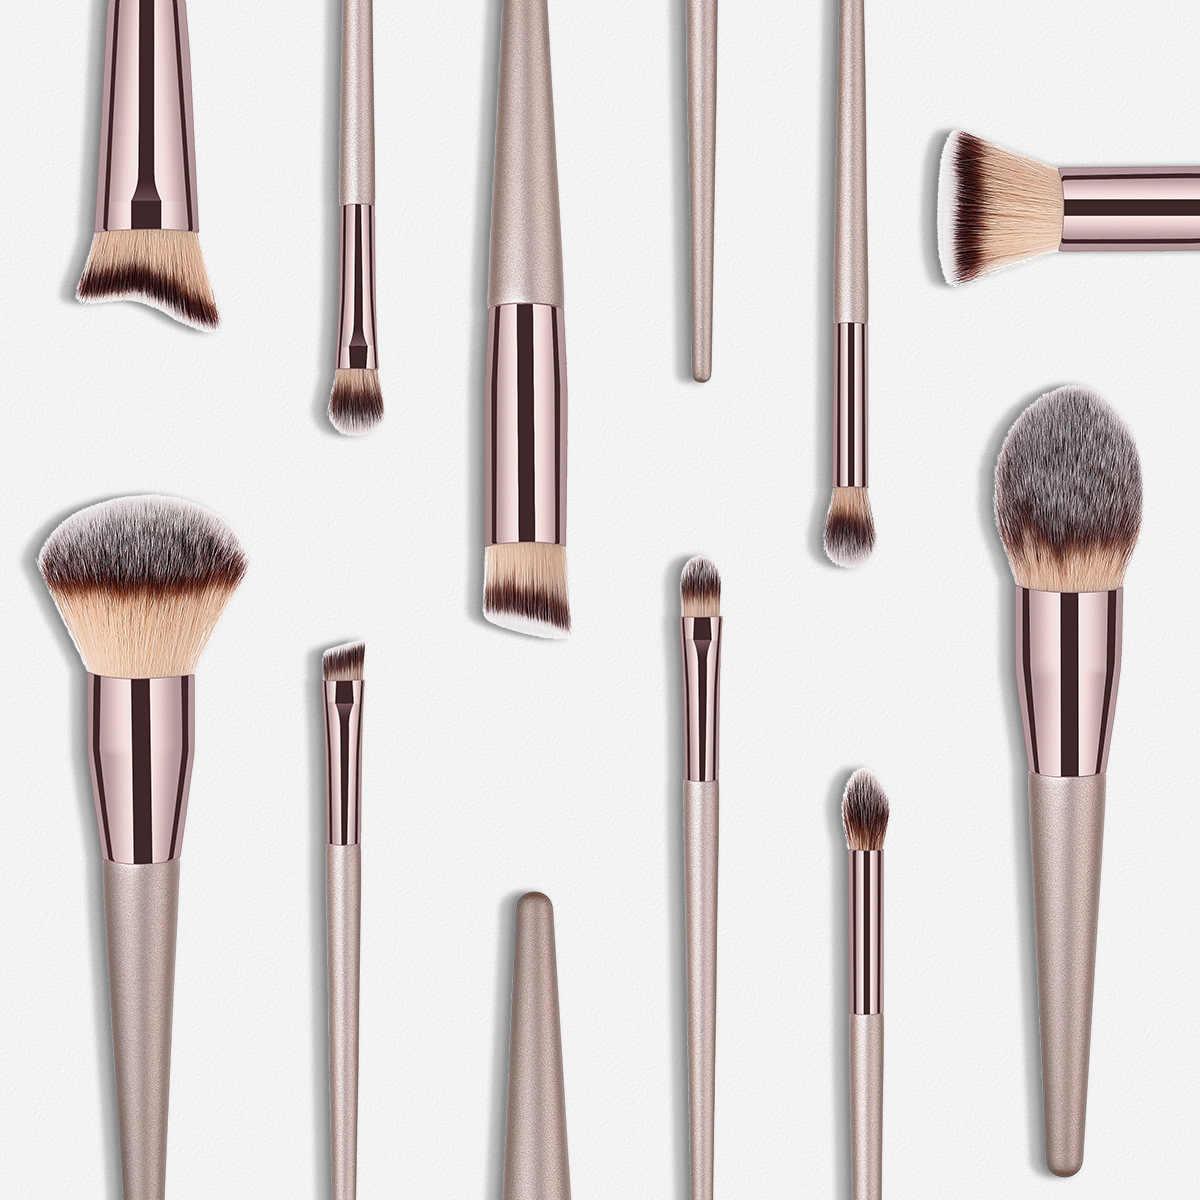 Luxo champanhe pincéis de maquiagem fundação pó blush eyeshadow cílios corretivo lábio olho mistura escova compõem escovas conjunto